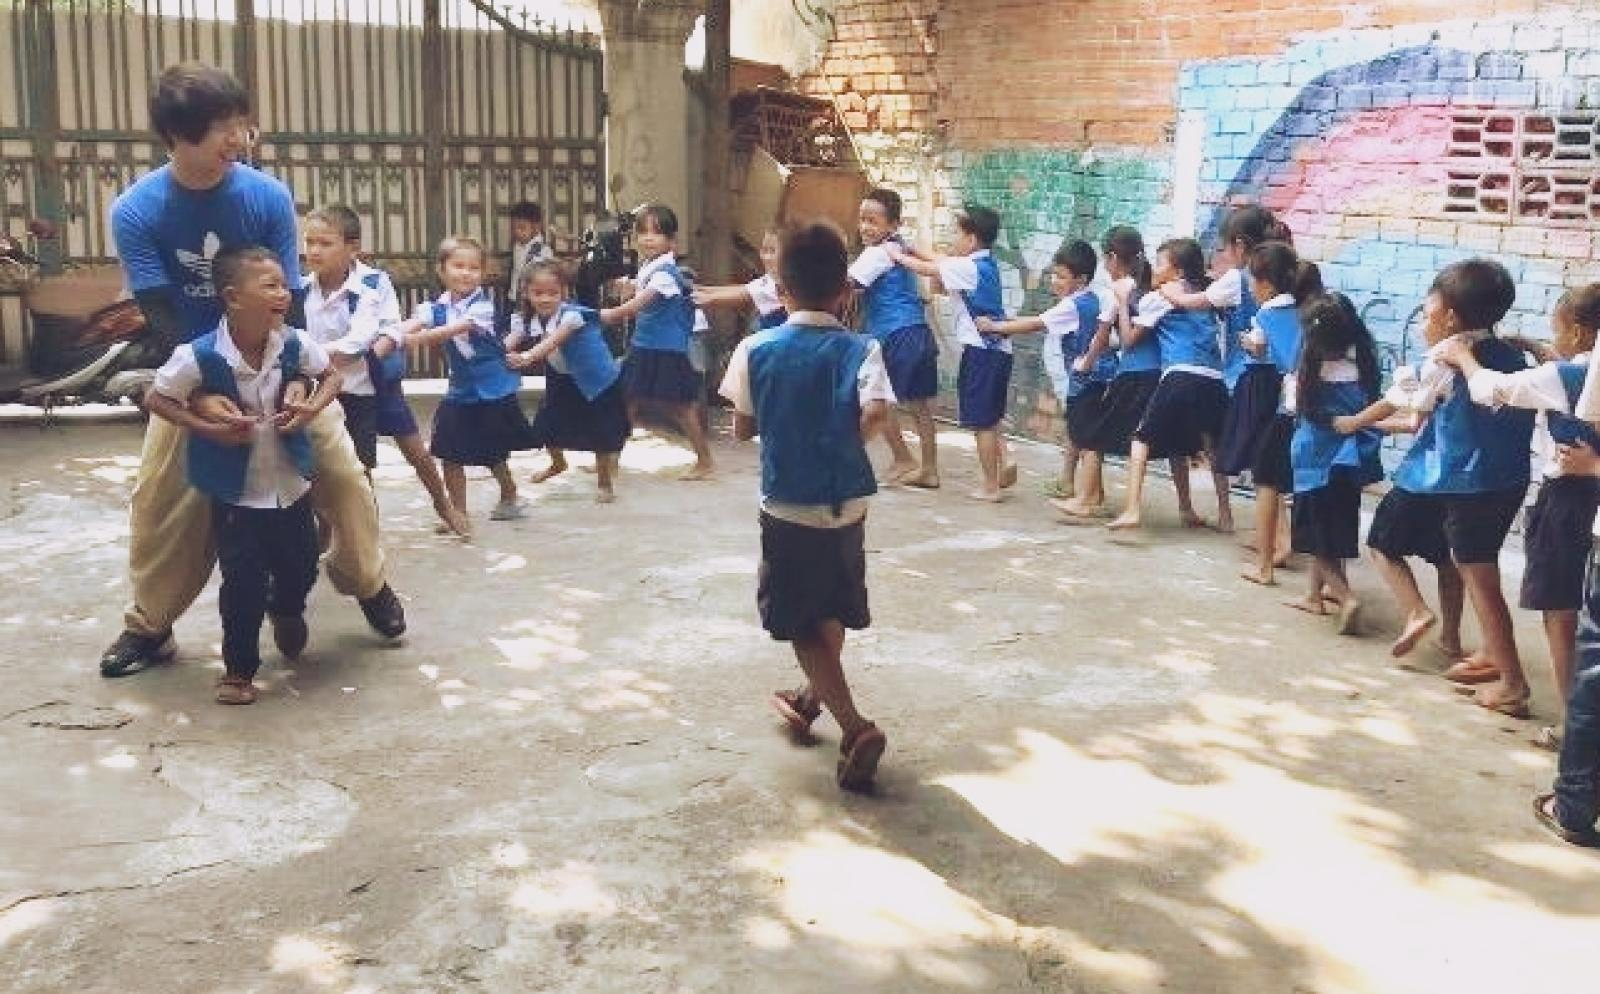 教育ボランティア谷口知章さんとカンボジアの子供たちの休み時間の様子